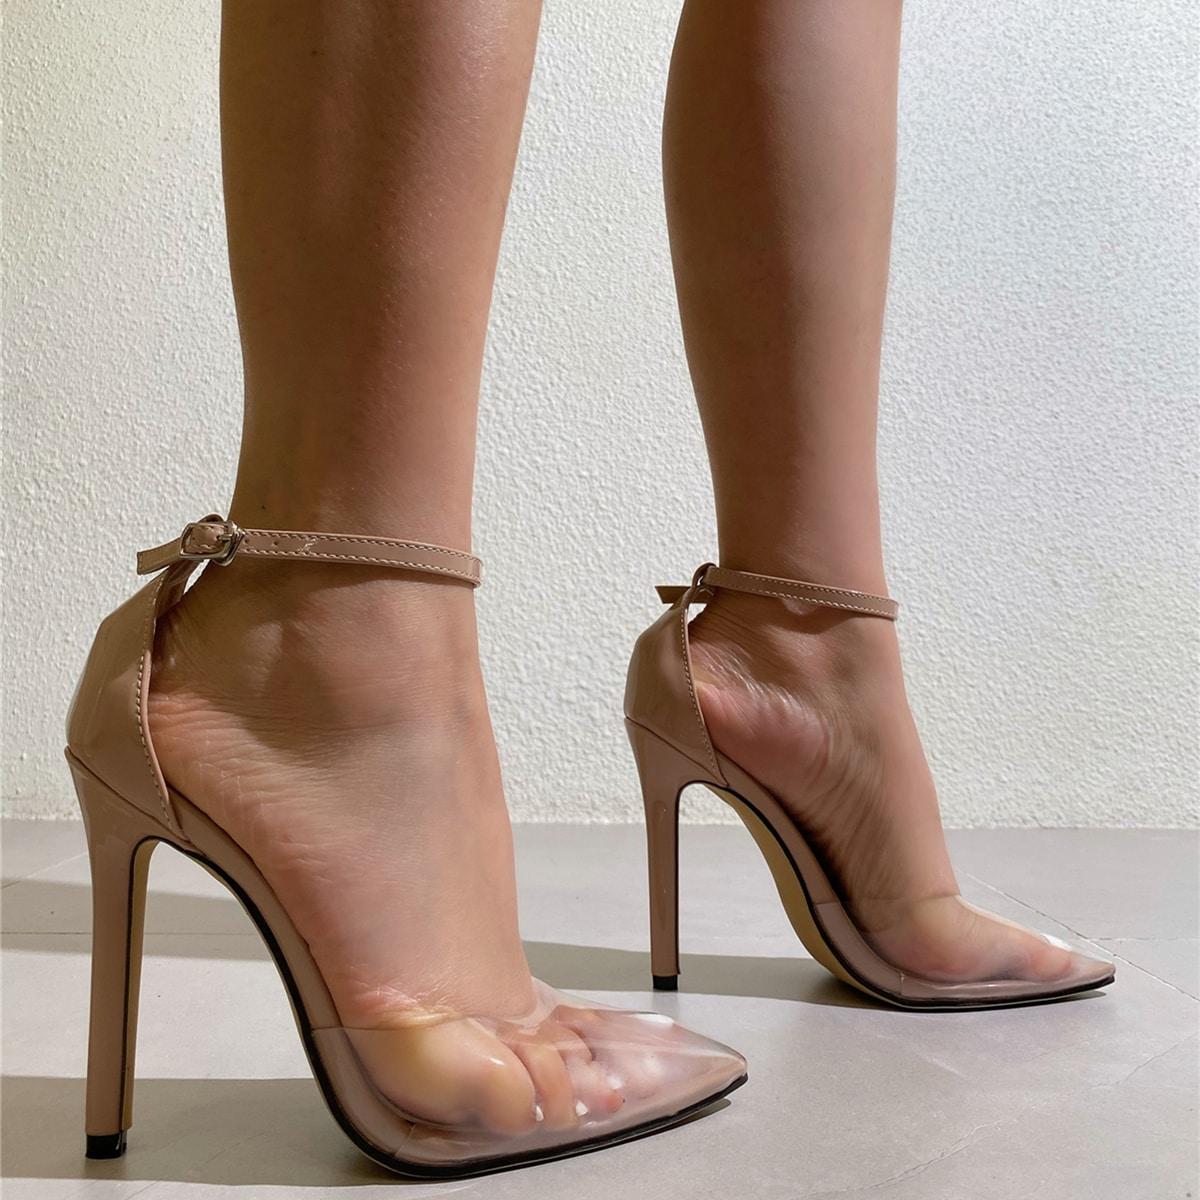 Прозрачные туфли на каблуках